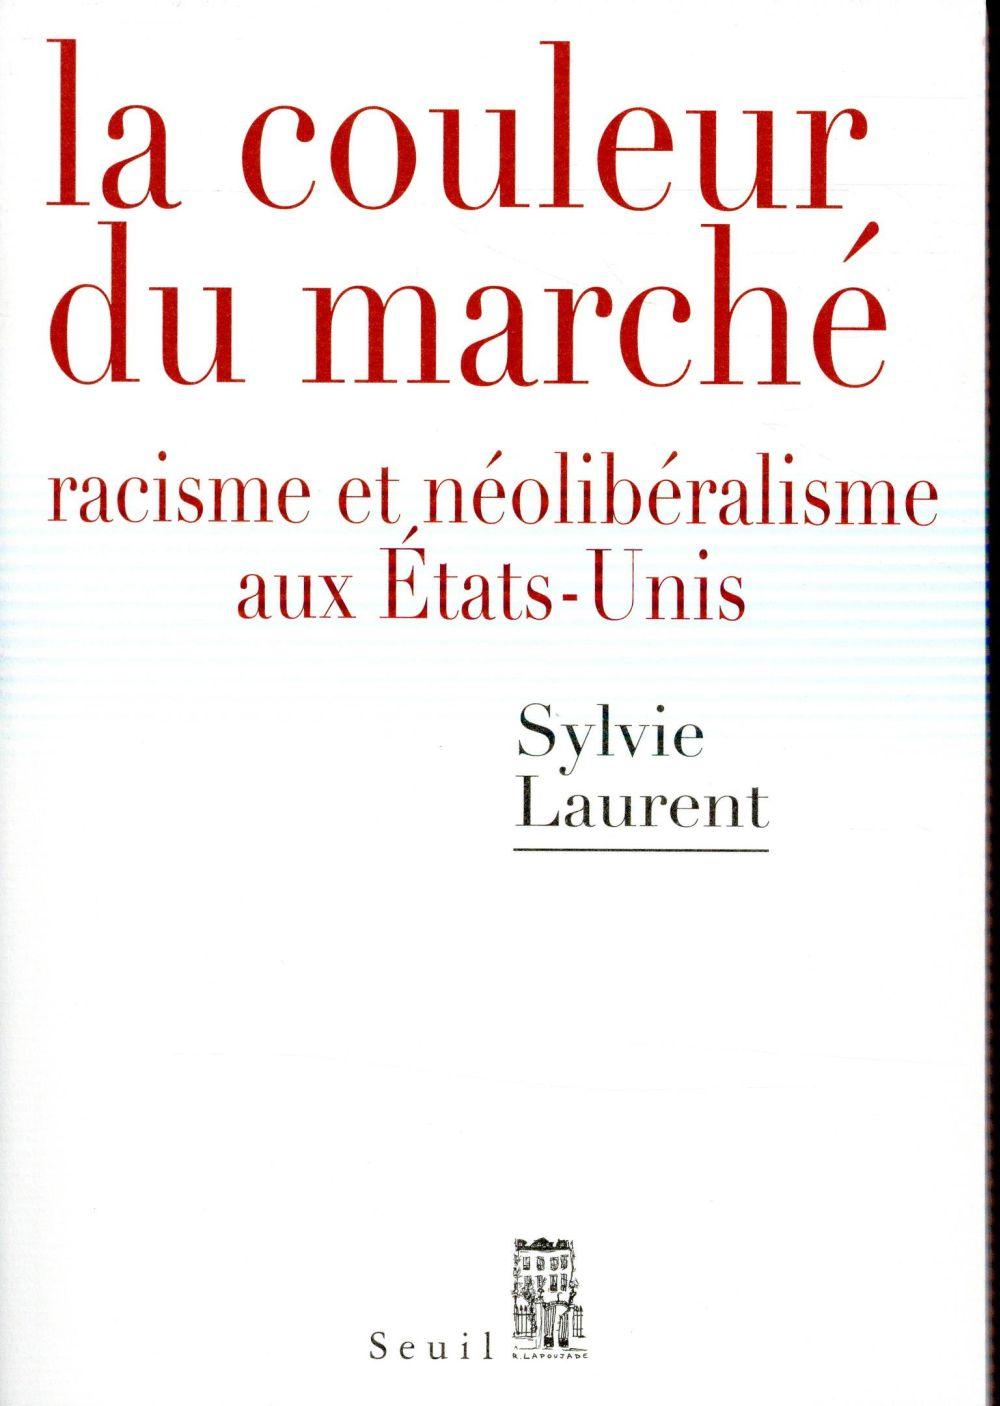 LA COULEUR DU MARCHE. RACISME ET NEOLIBERALISME AUX ETATS-UNIS